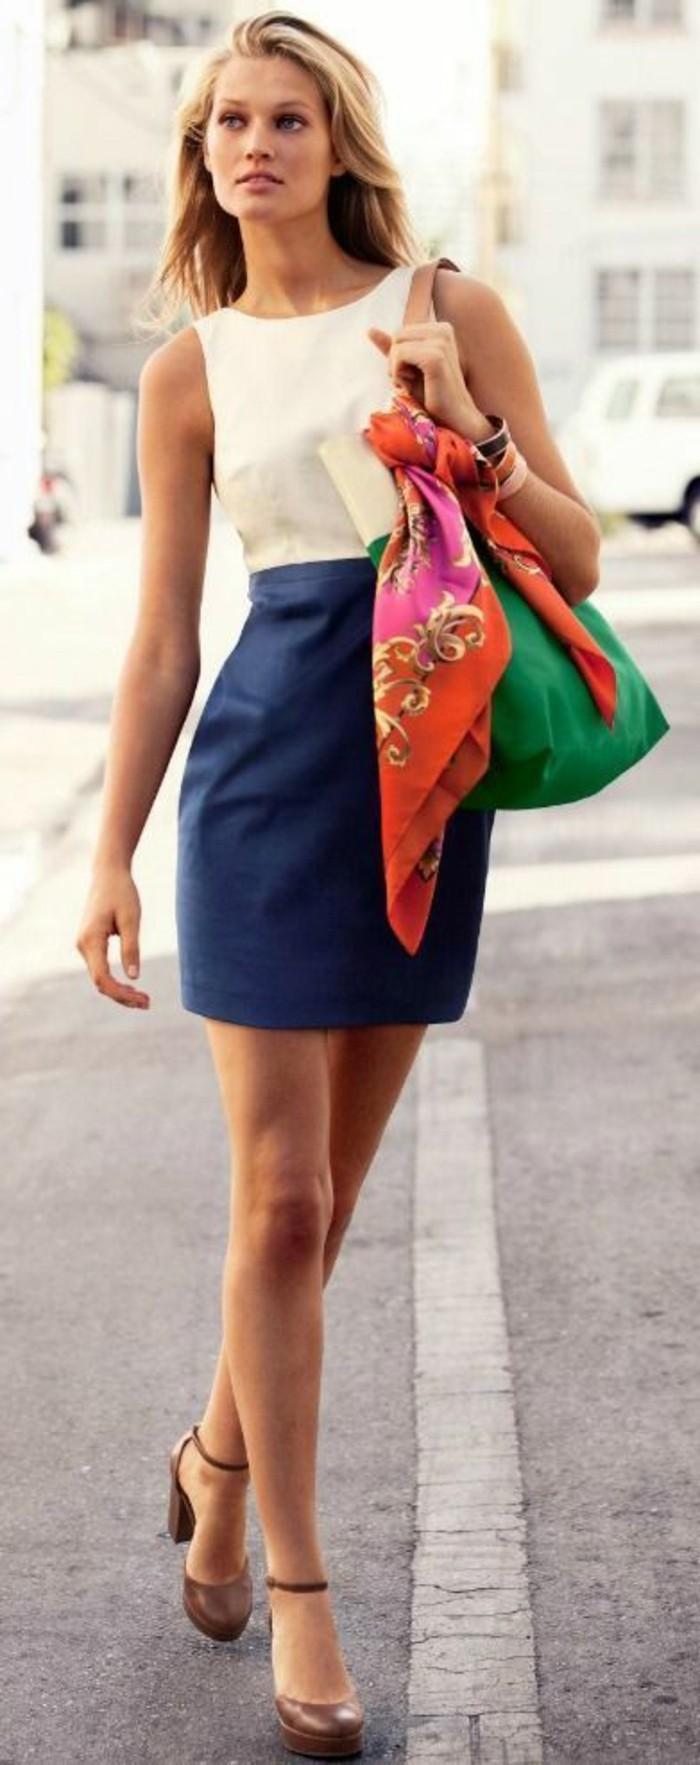 foulard-comme-un-joli-accessoire-de-la-mode-jupe-bleue-blanc-sac-a-main-vert